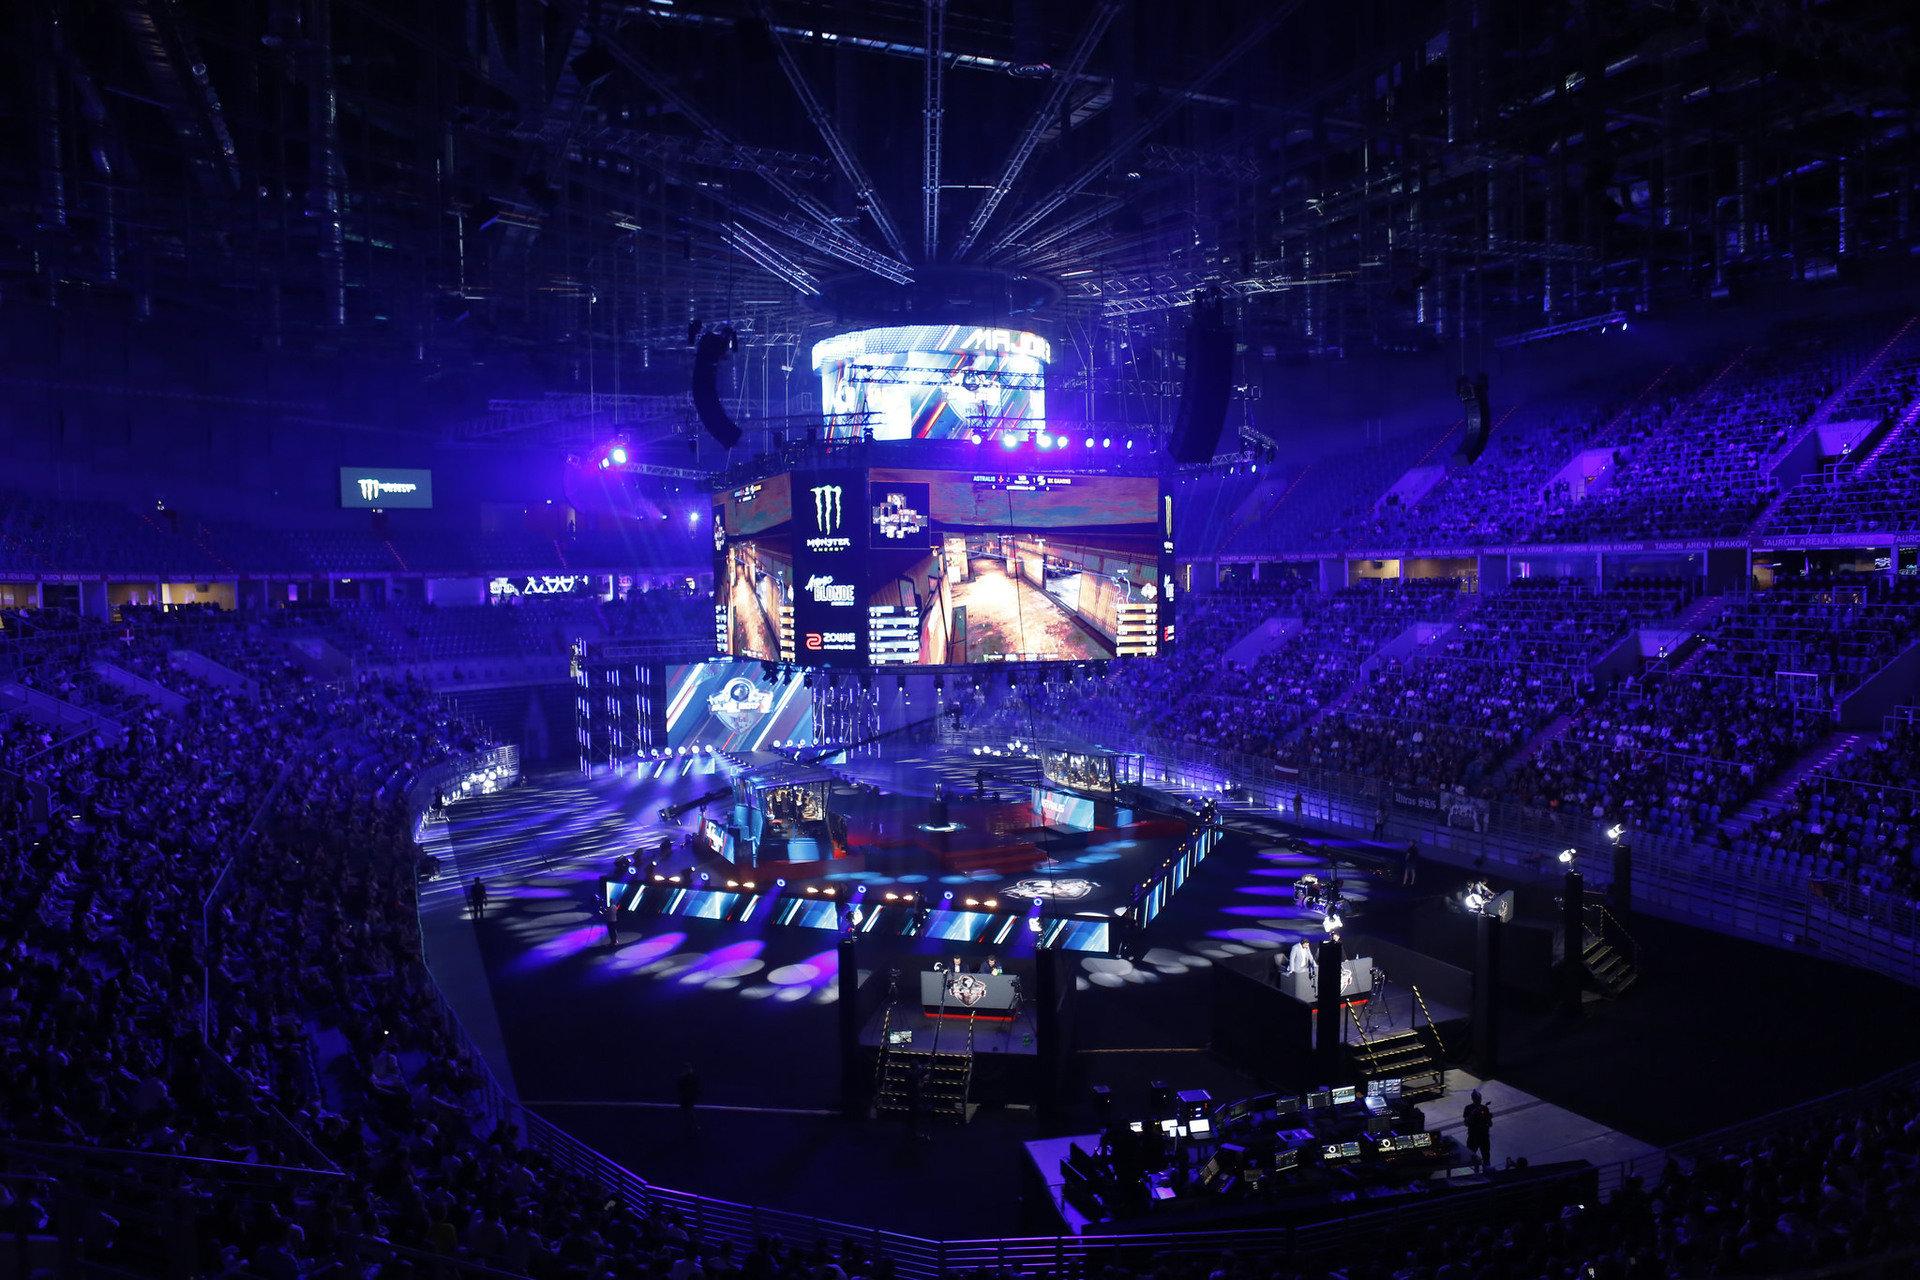 Poznaliśmy pierwsze szczegóły polskiej transmisji FACEIT Major: London 2018. Zostanie zrealizowana z profesjonalnego studia esportowego w Krakowie!